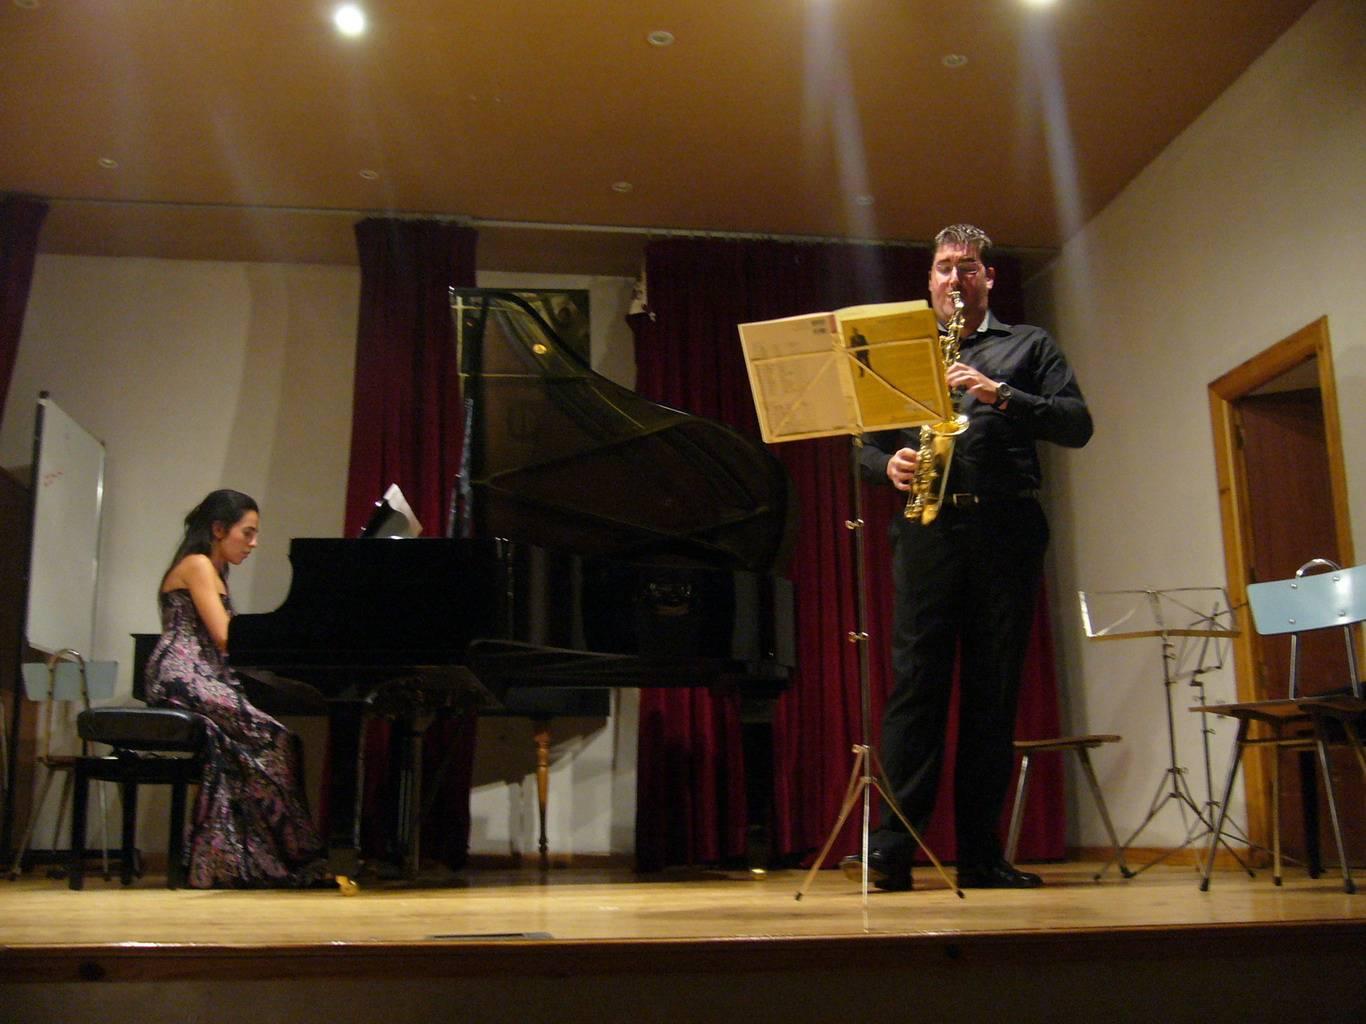 Antonio CANOVAS y MARIA Vega en concierto